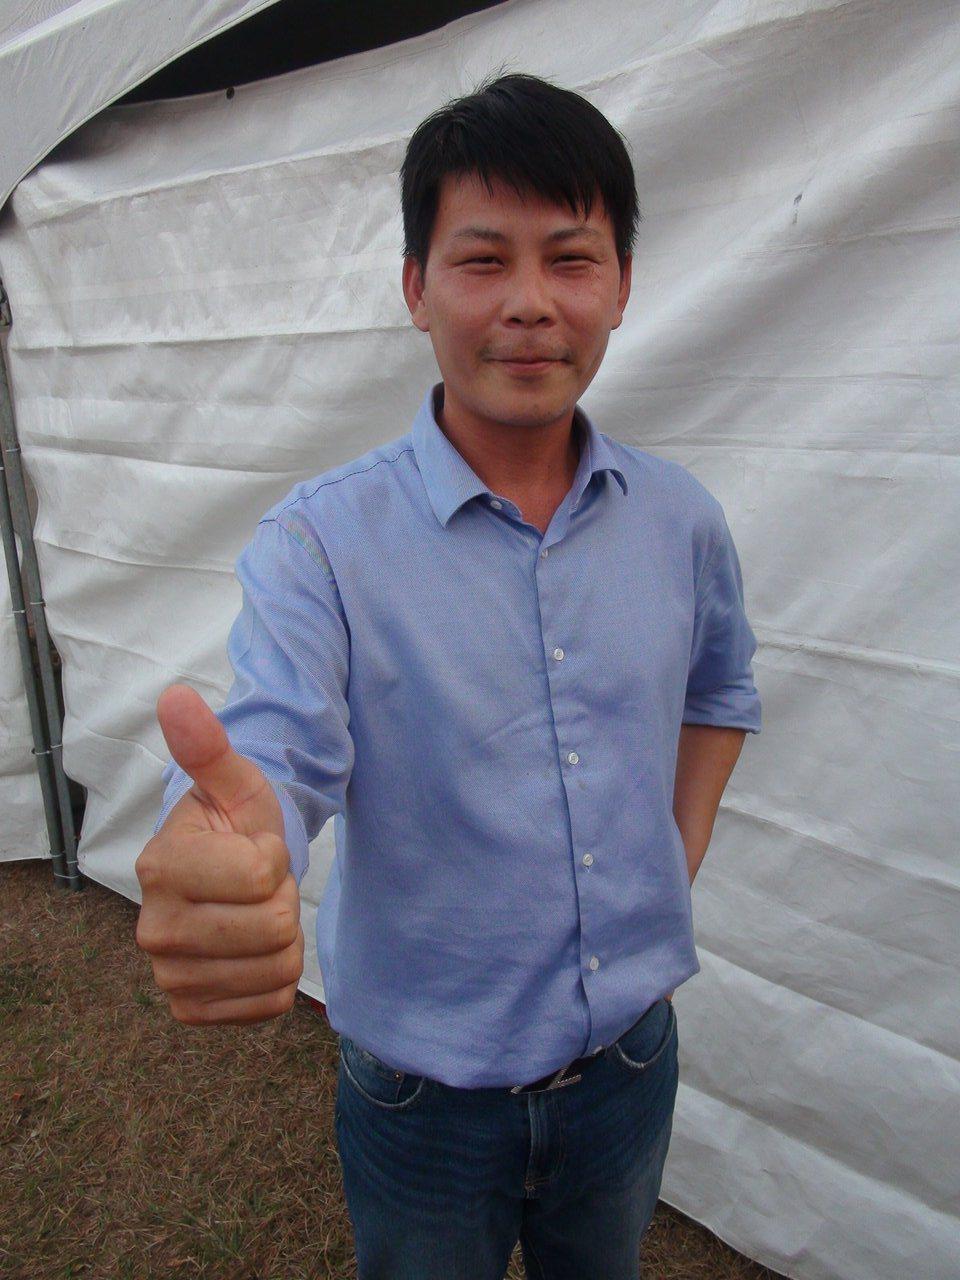 台中市立委第一选区参选人林佳新。记者余采滢/摄影